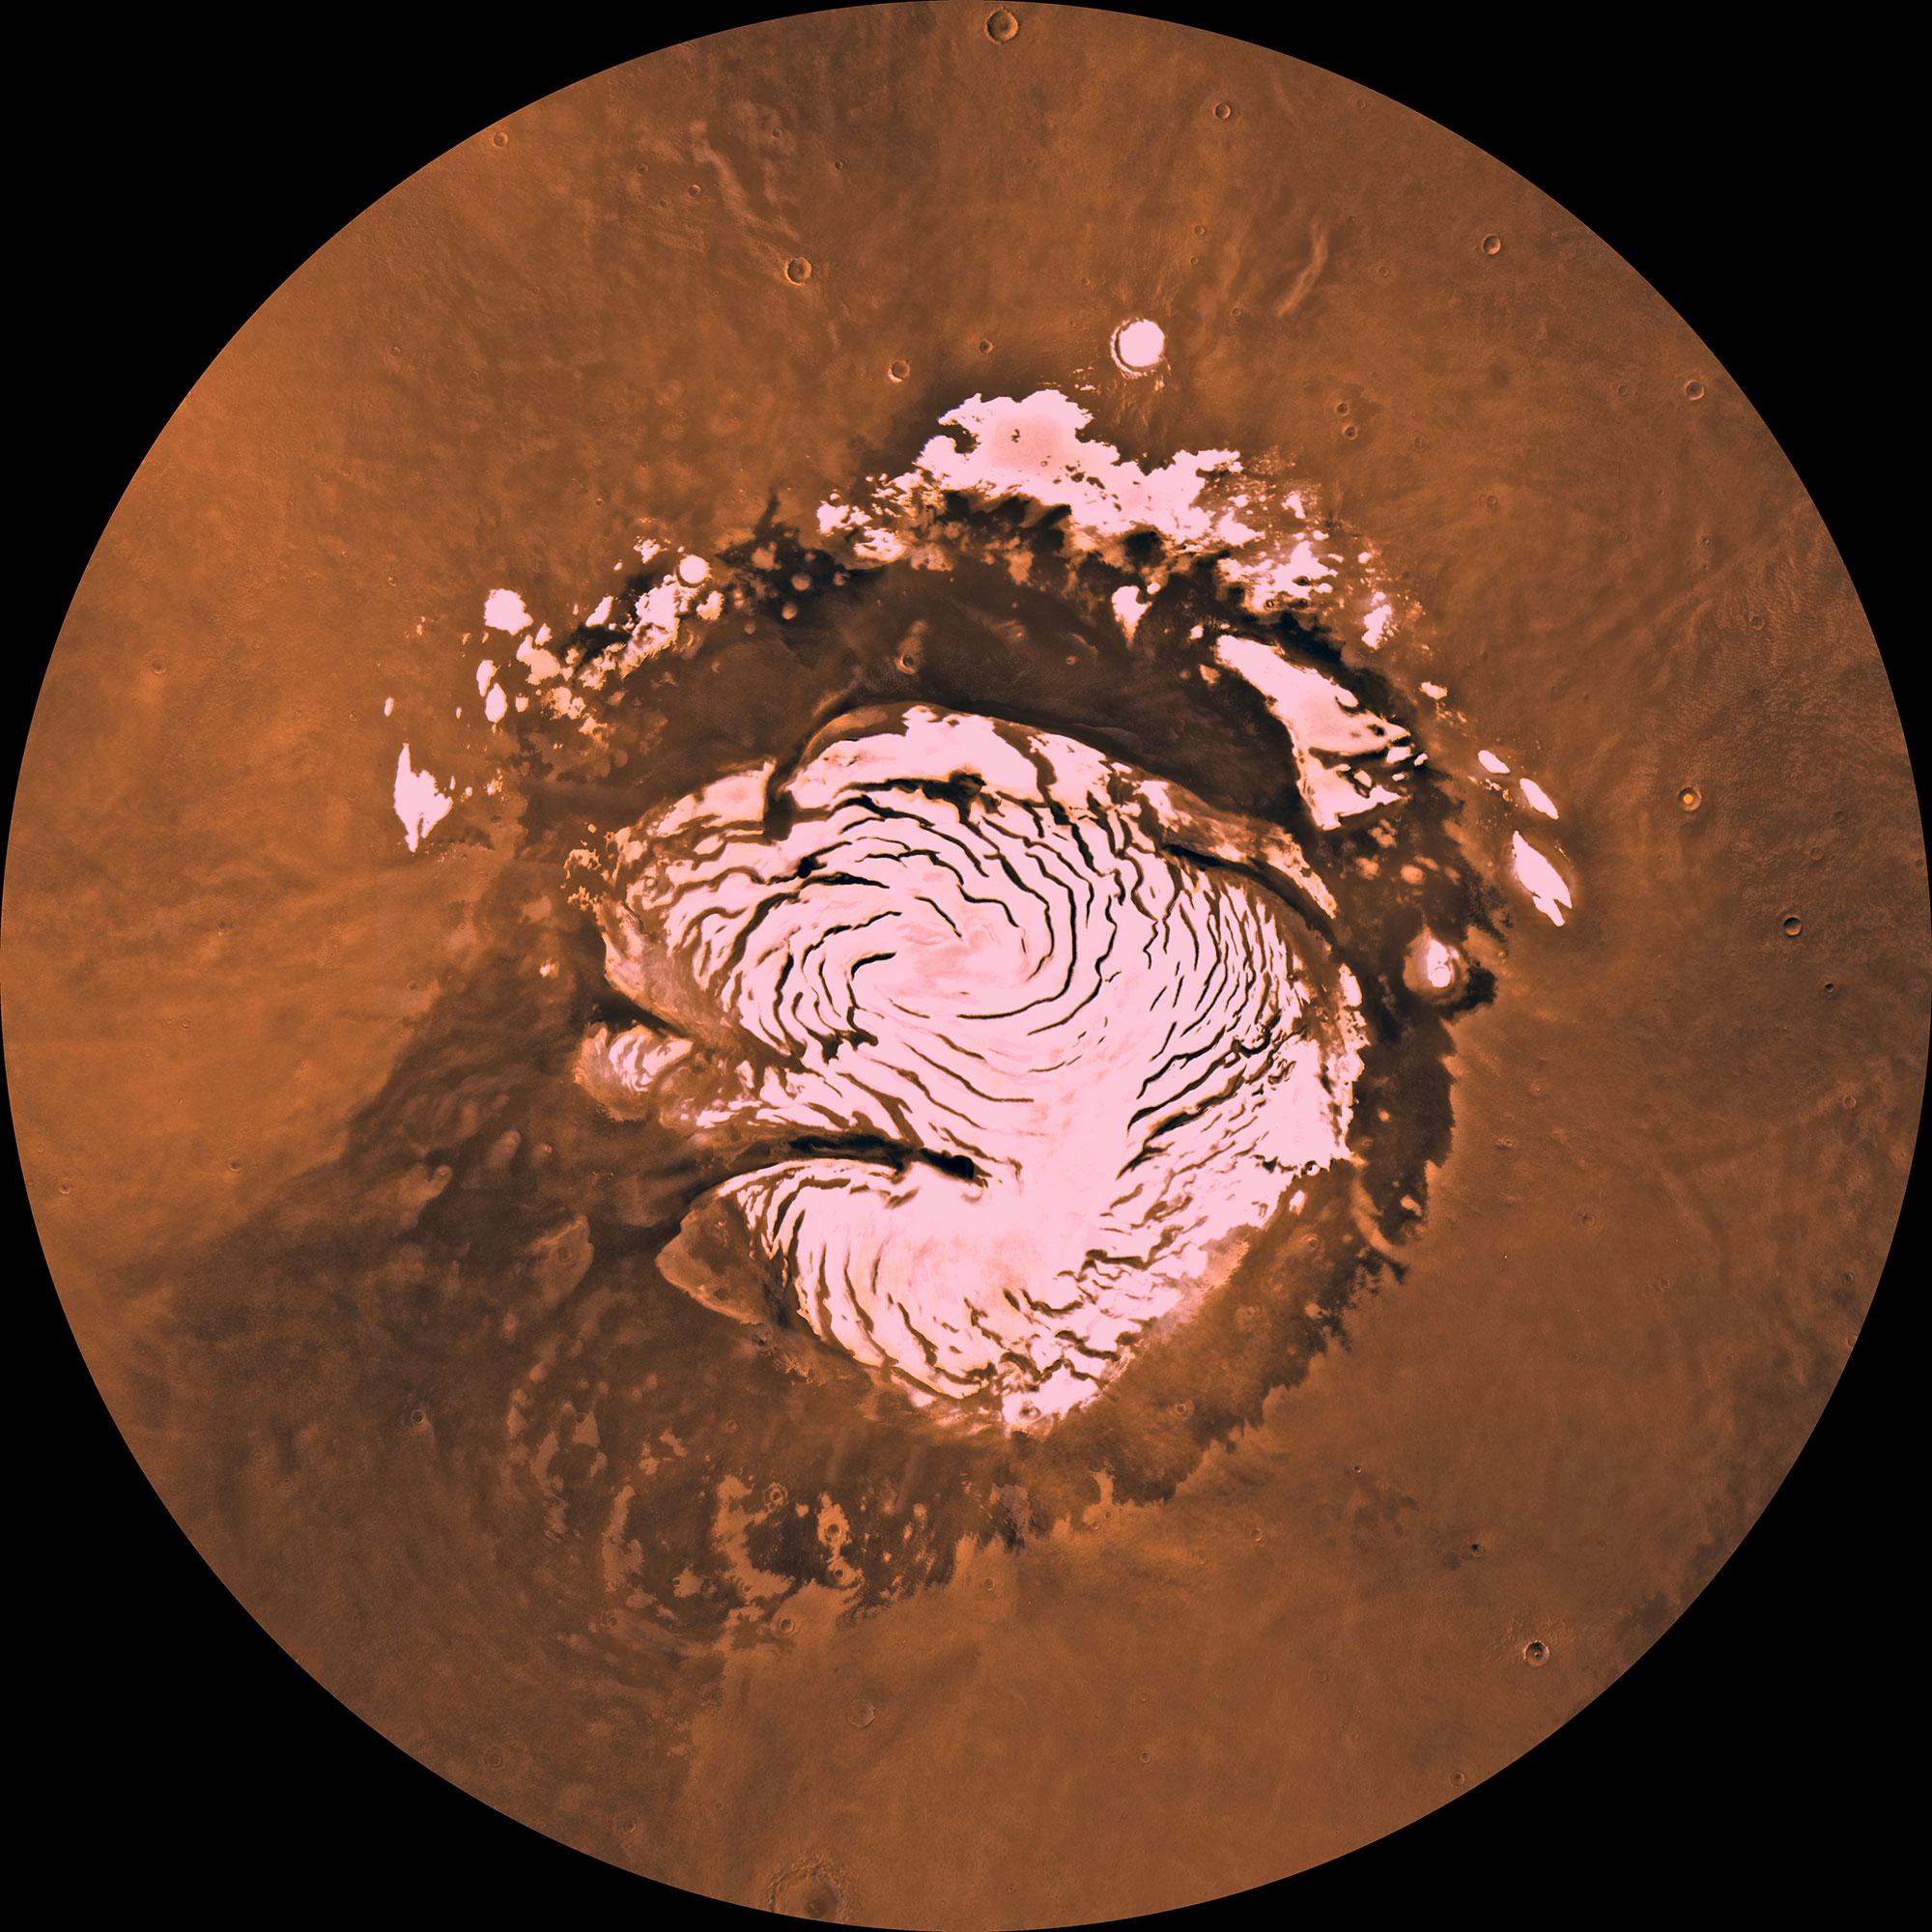 Подпись: Полярная шапка Марса во многом состоит изблестящего водного льда